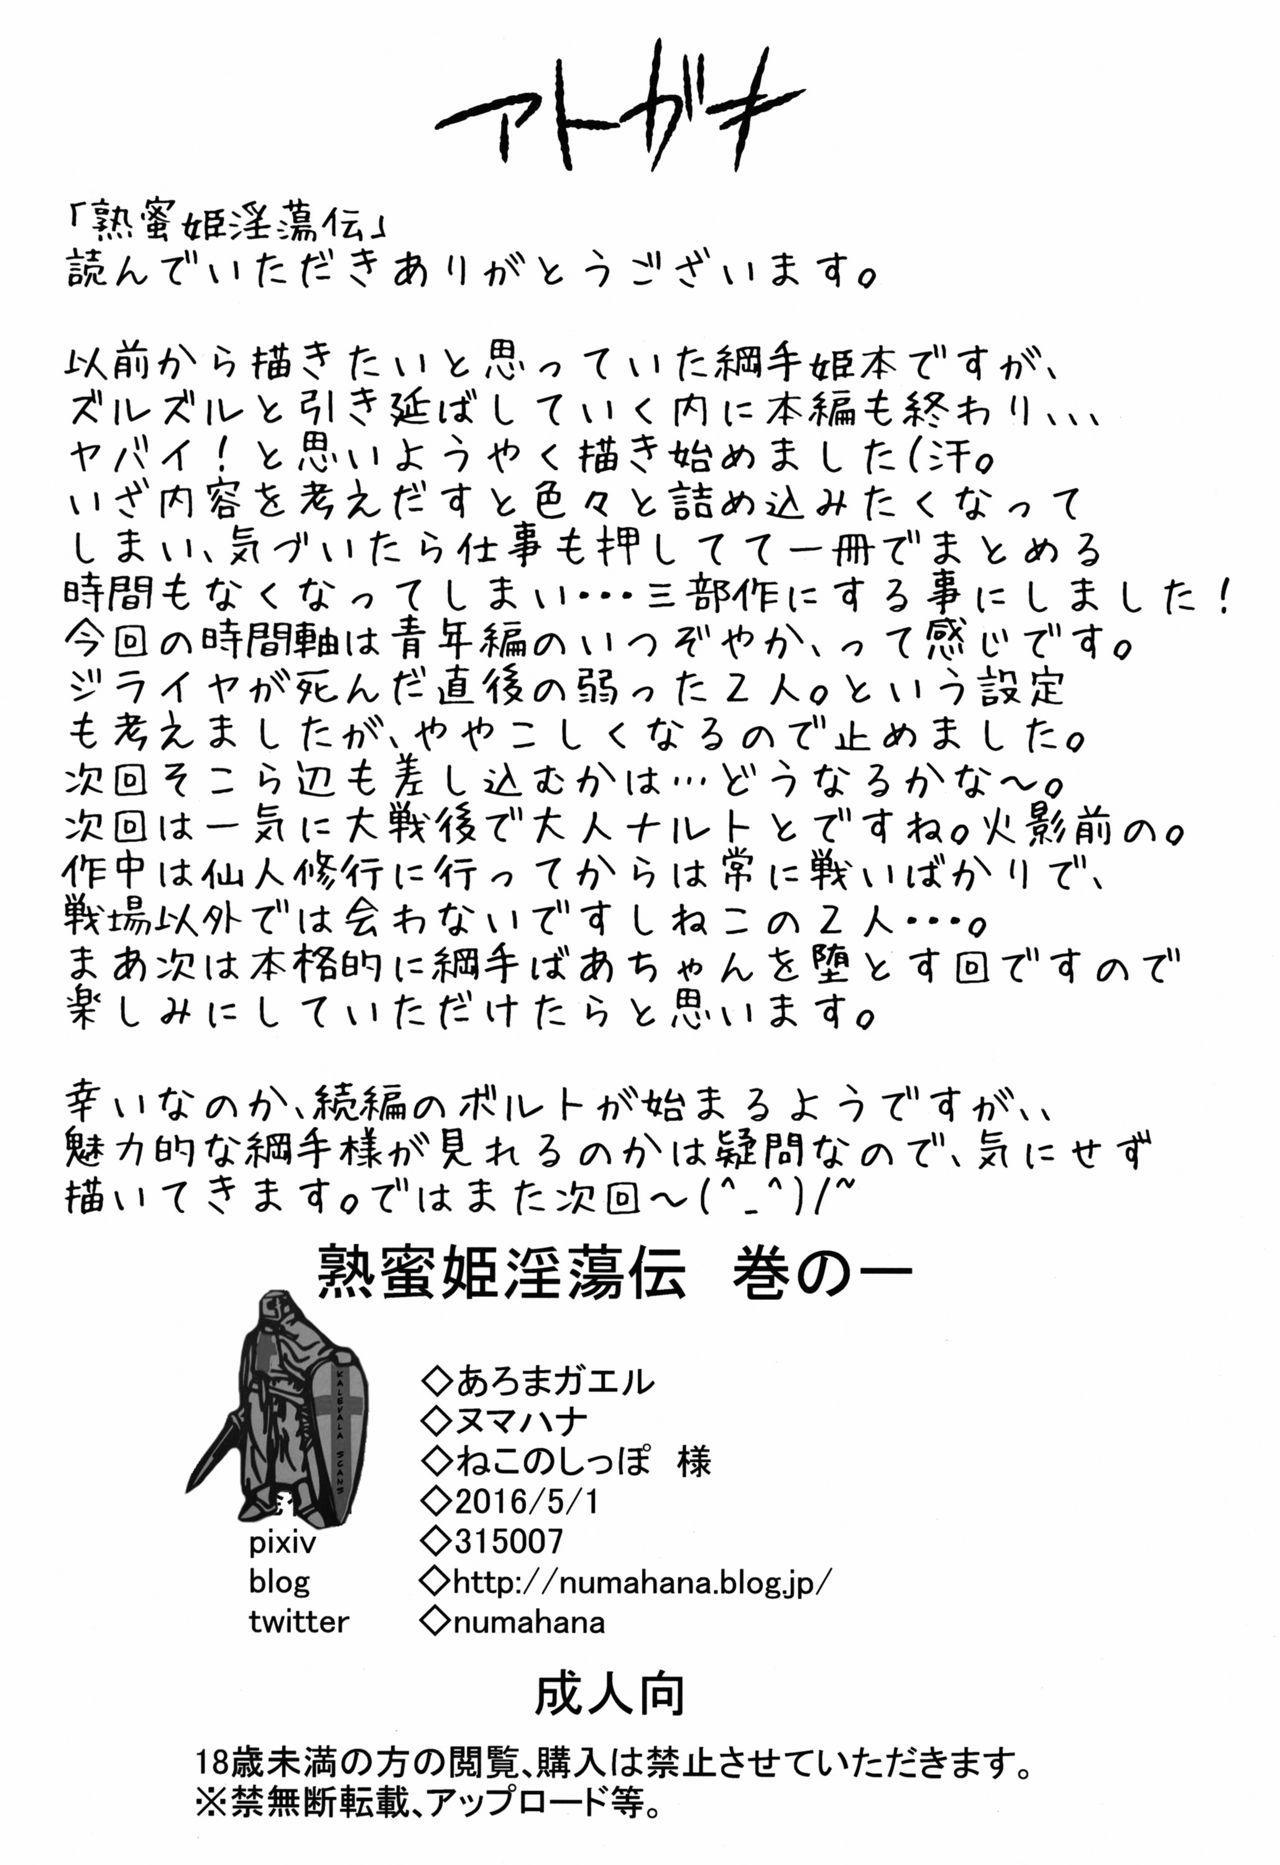 Jukumitsuki Intouden Maki no Ichi 22